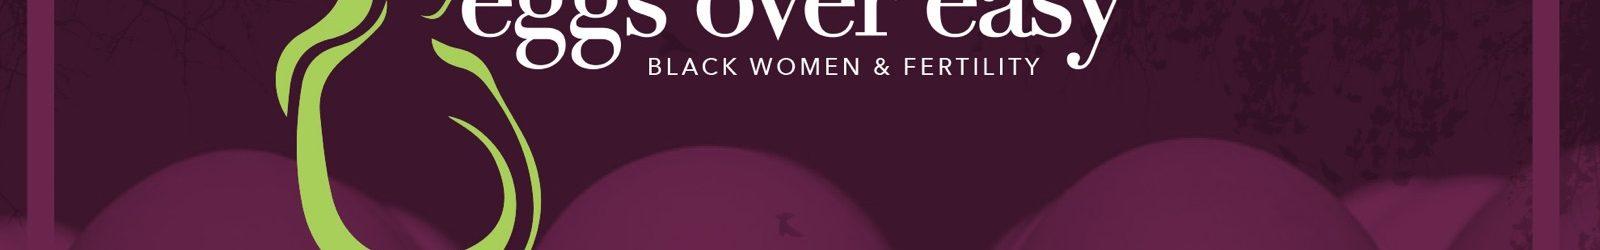 Eggs Over Easy: Black Women & Fertility